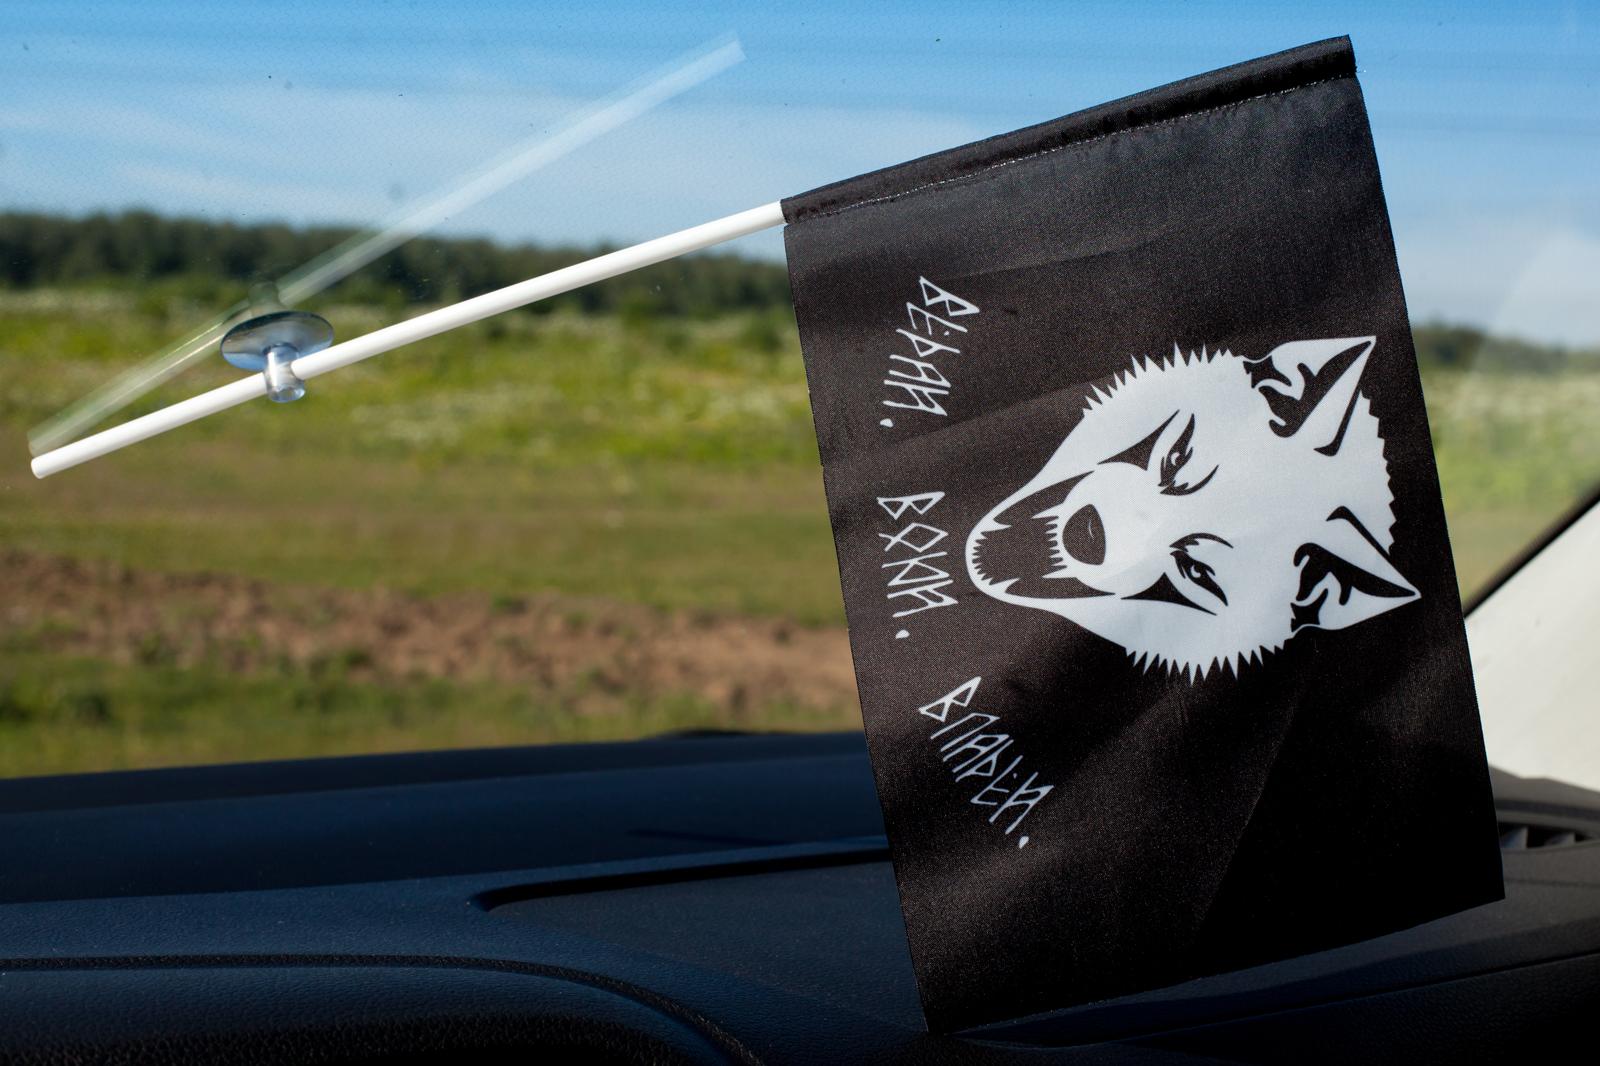 Флажок в машину «Ведай, Воюй, Владей»